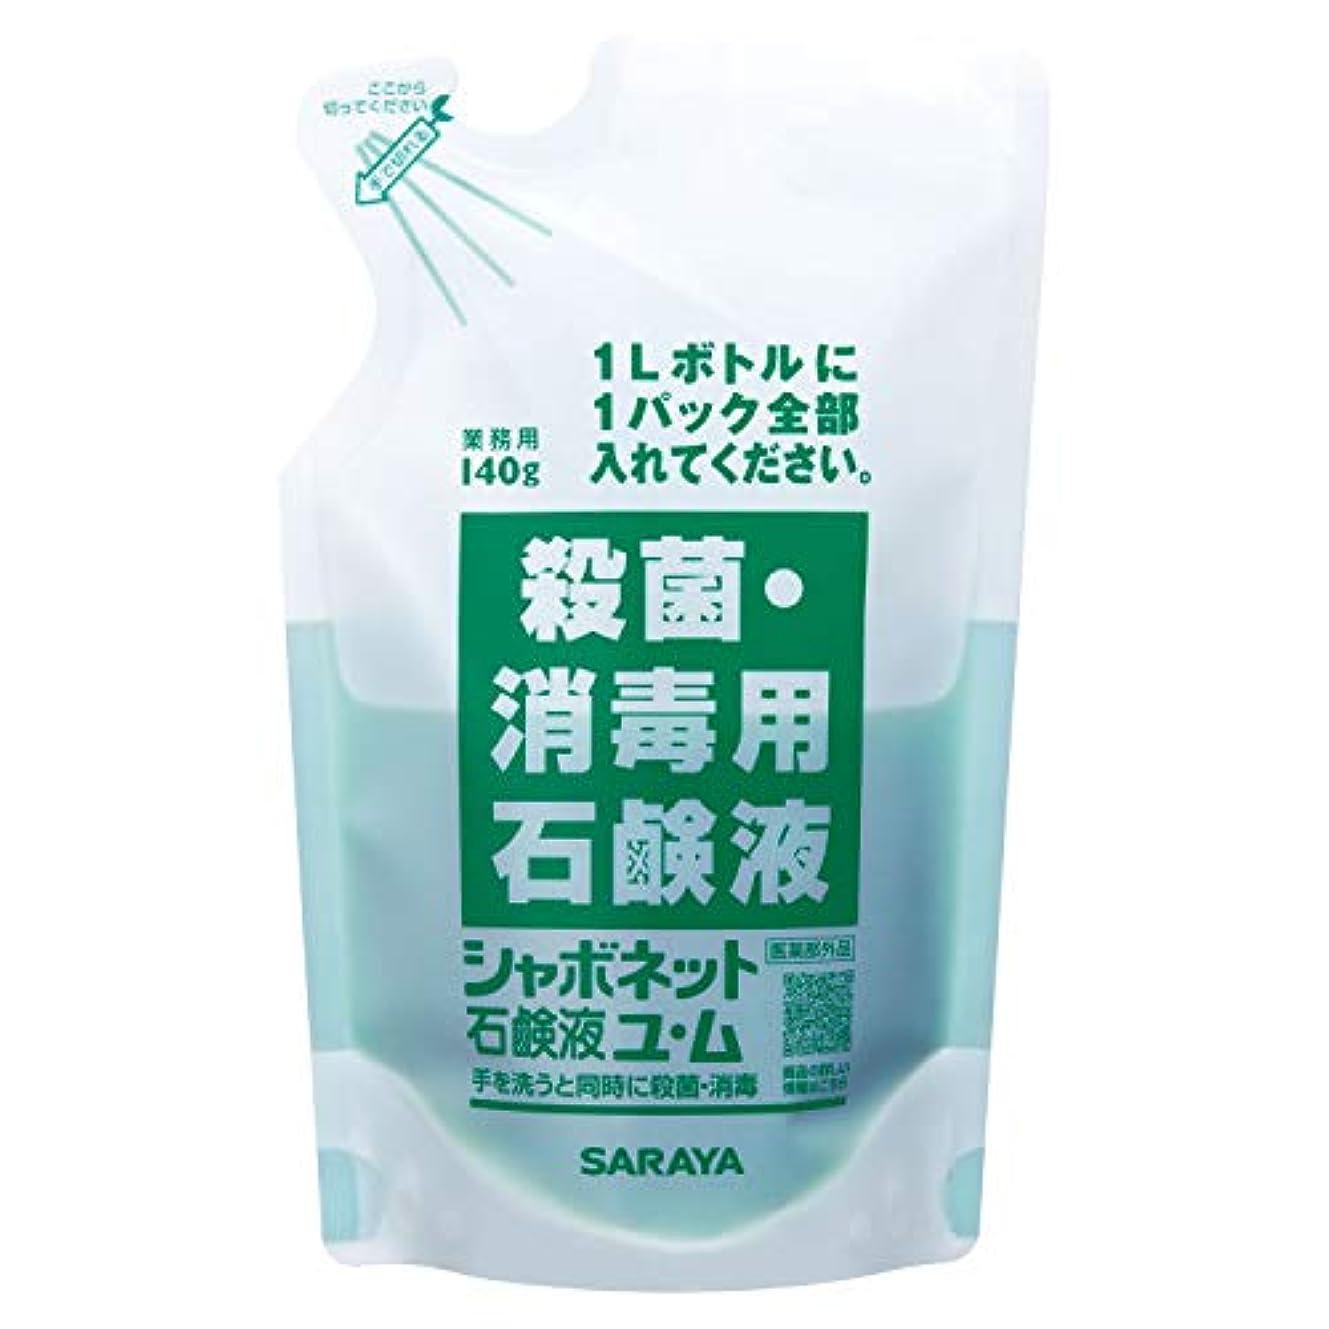 バイパス豆腐タフサラヤ 手洗い用石けん液 シャボネットユ?ム 140g